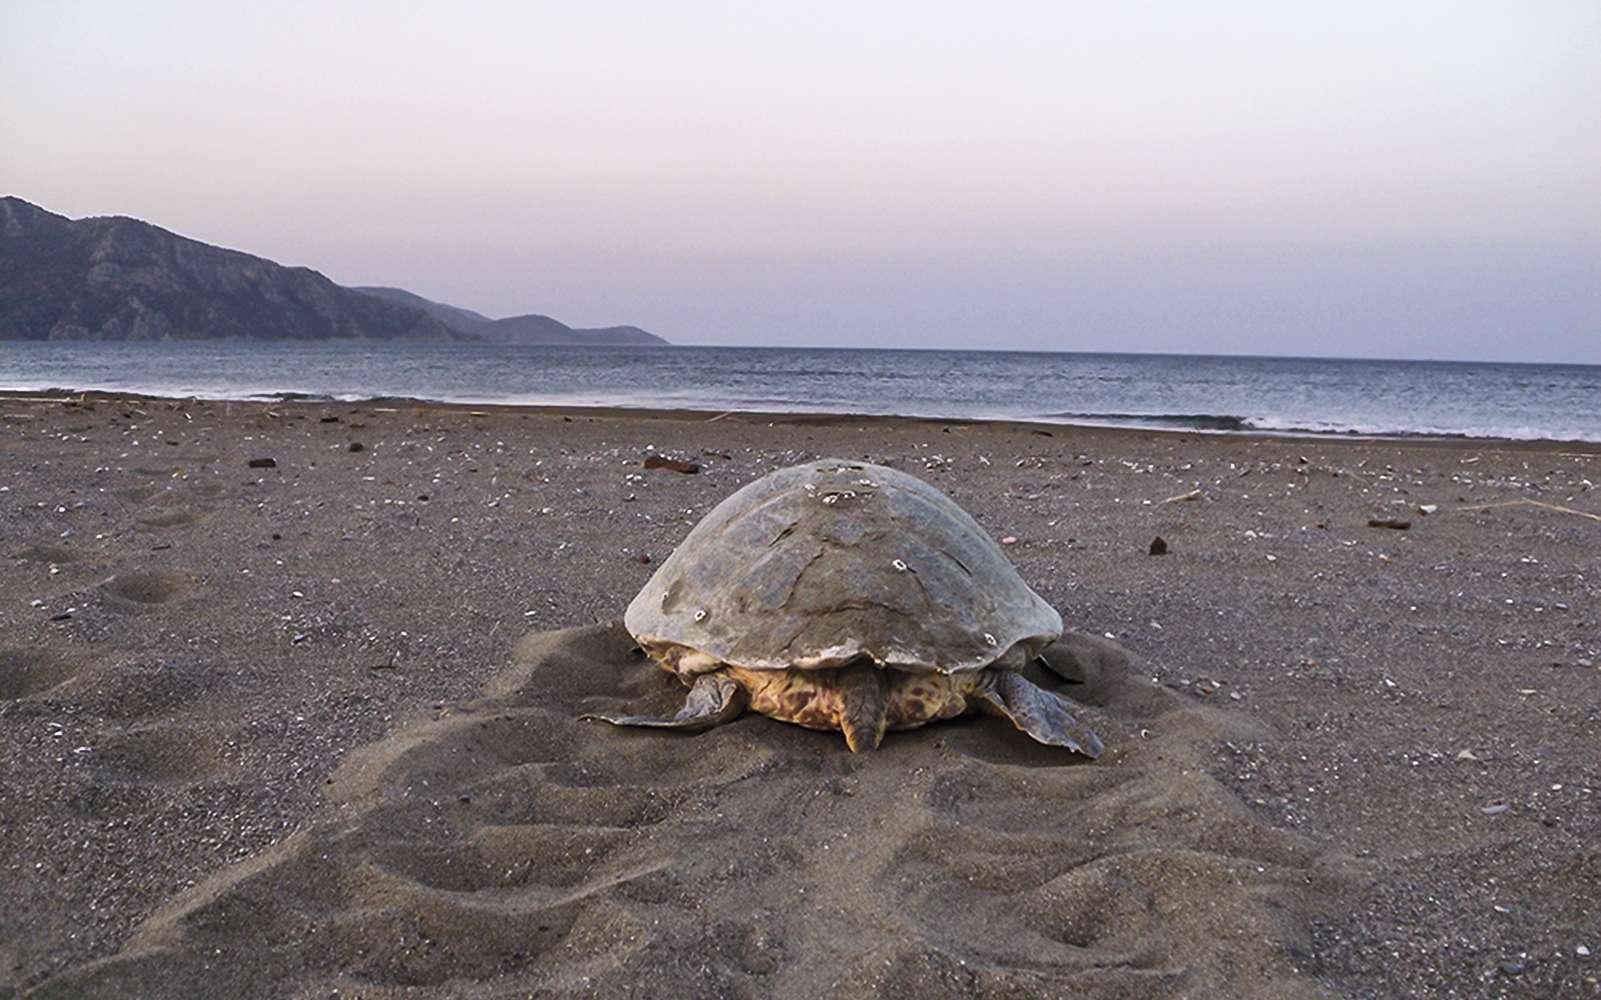 Cette photo montre une tortue caouanne (Caretta caretta) retournant à la mer après avoir déposé ses œufs à environ 45 cm de profondeur dans le sable d'une plage de Turquie. Les tortues marines viennent généralement pondre pendant la nuit. Une étude se penche pour savoir dans quelles proportions le réchauffement climatique impactera la phénologie des pontes. © Dekamer team-Turkey